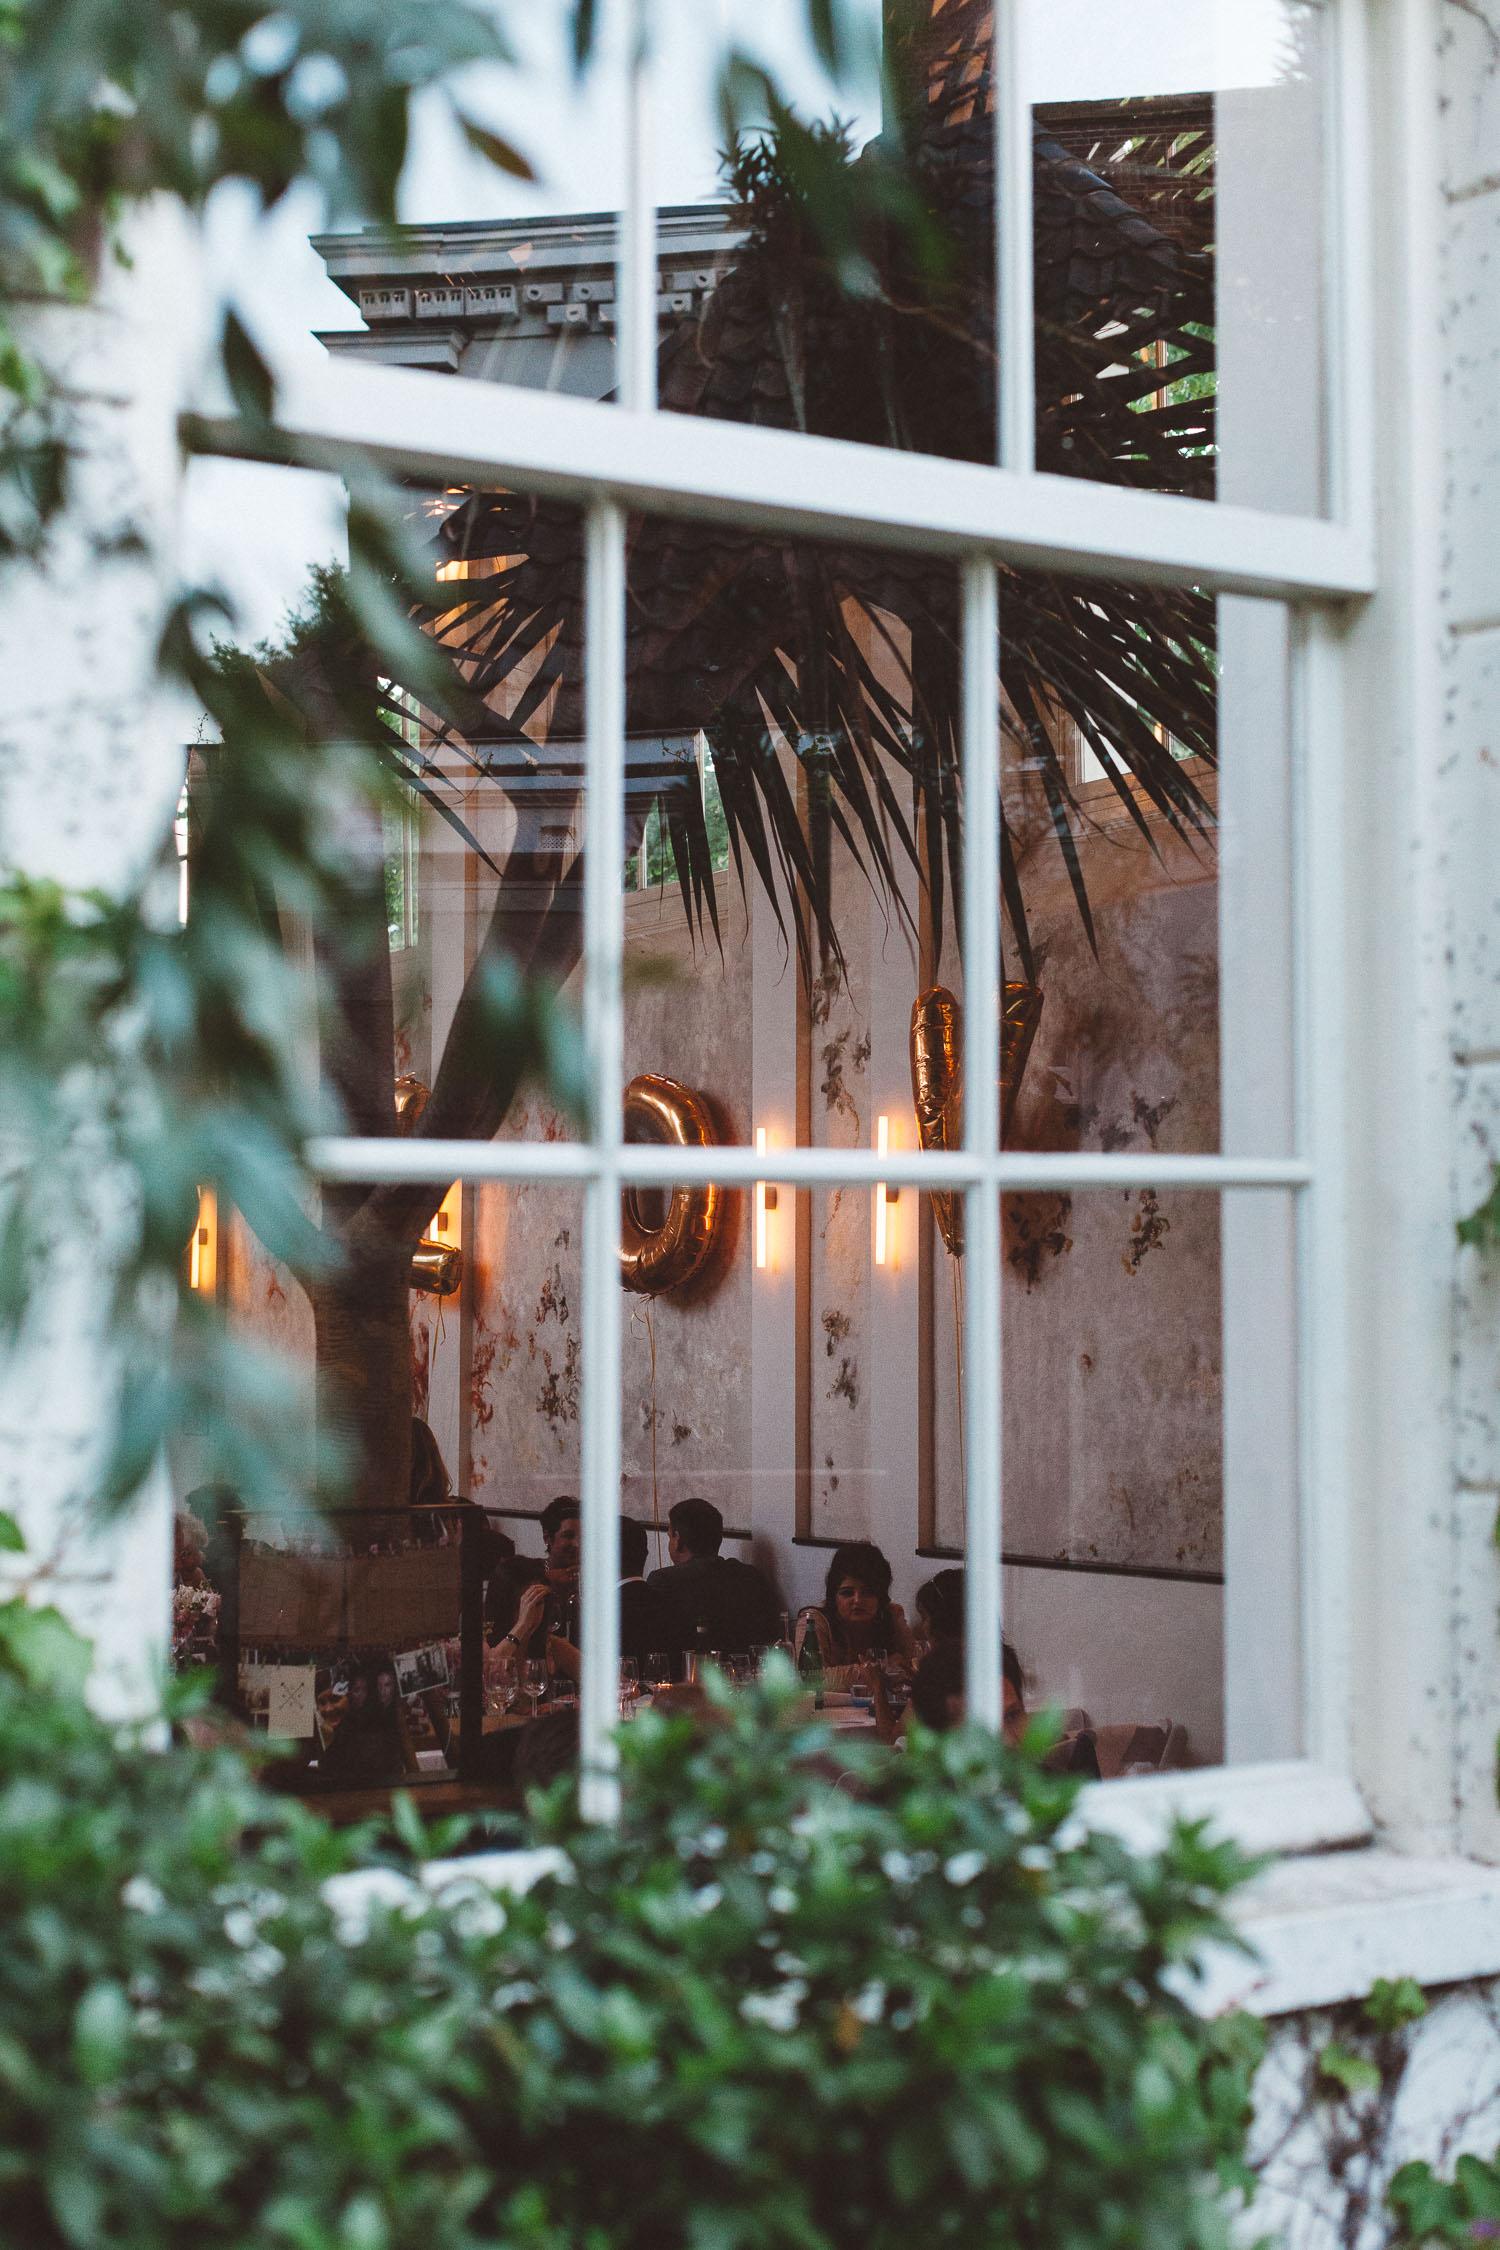 Wedding-photography-trouwfotografie-huwelijksfotograaf-Hortus-Botanicus-Amsterdam-On-a-hazy-morning-37.jpg